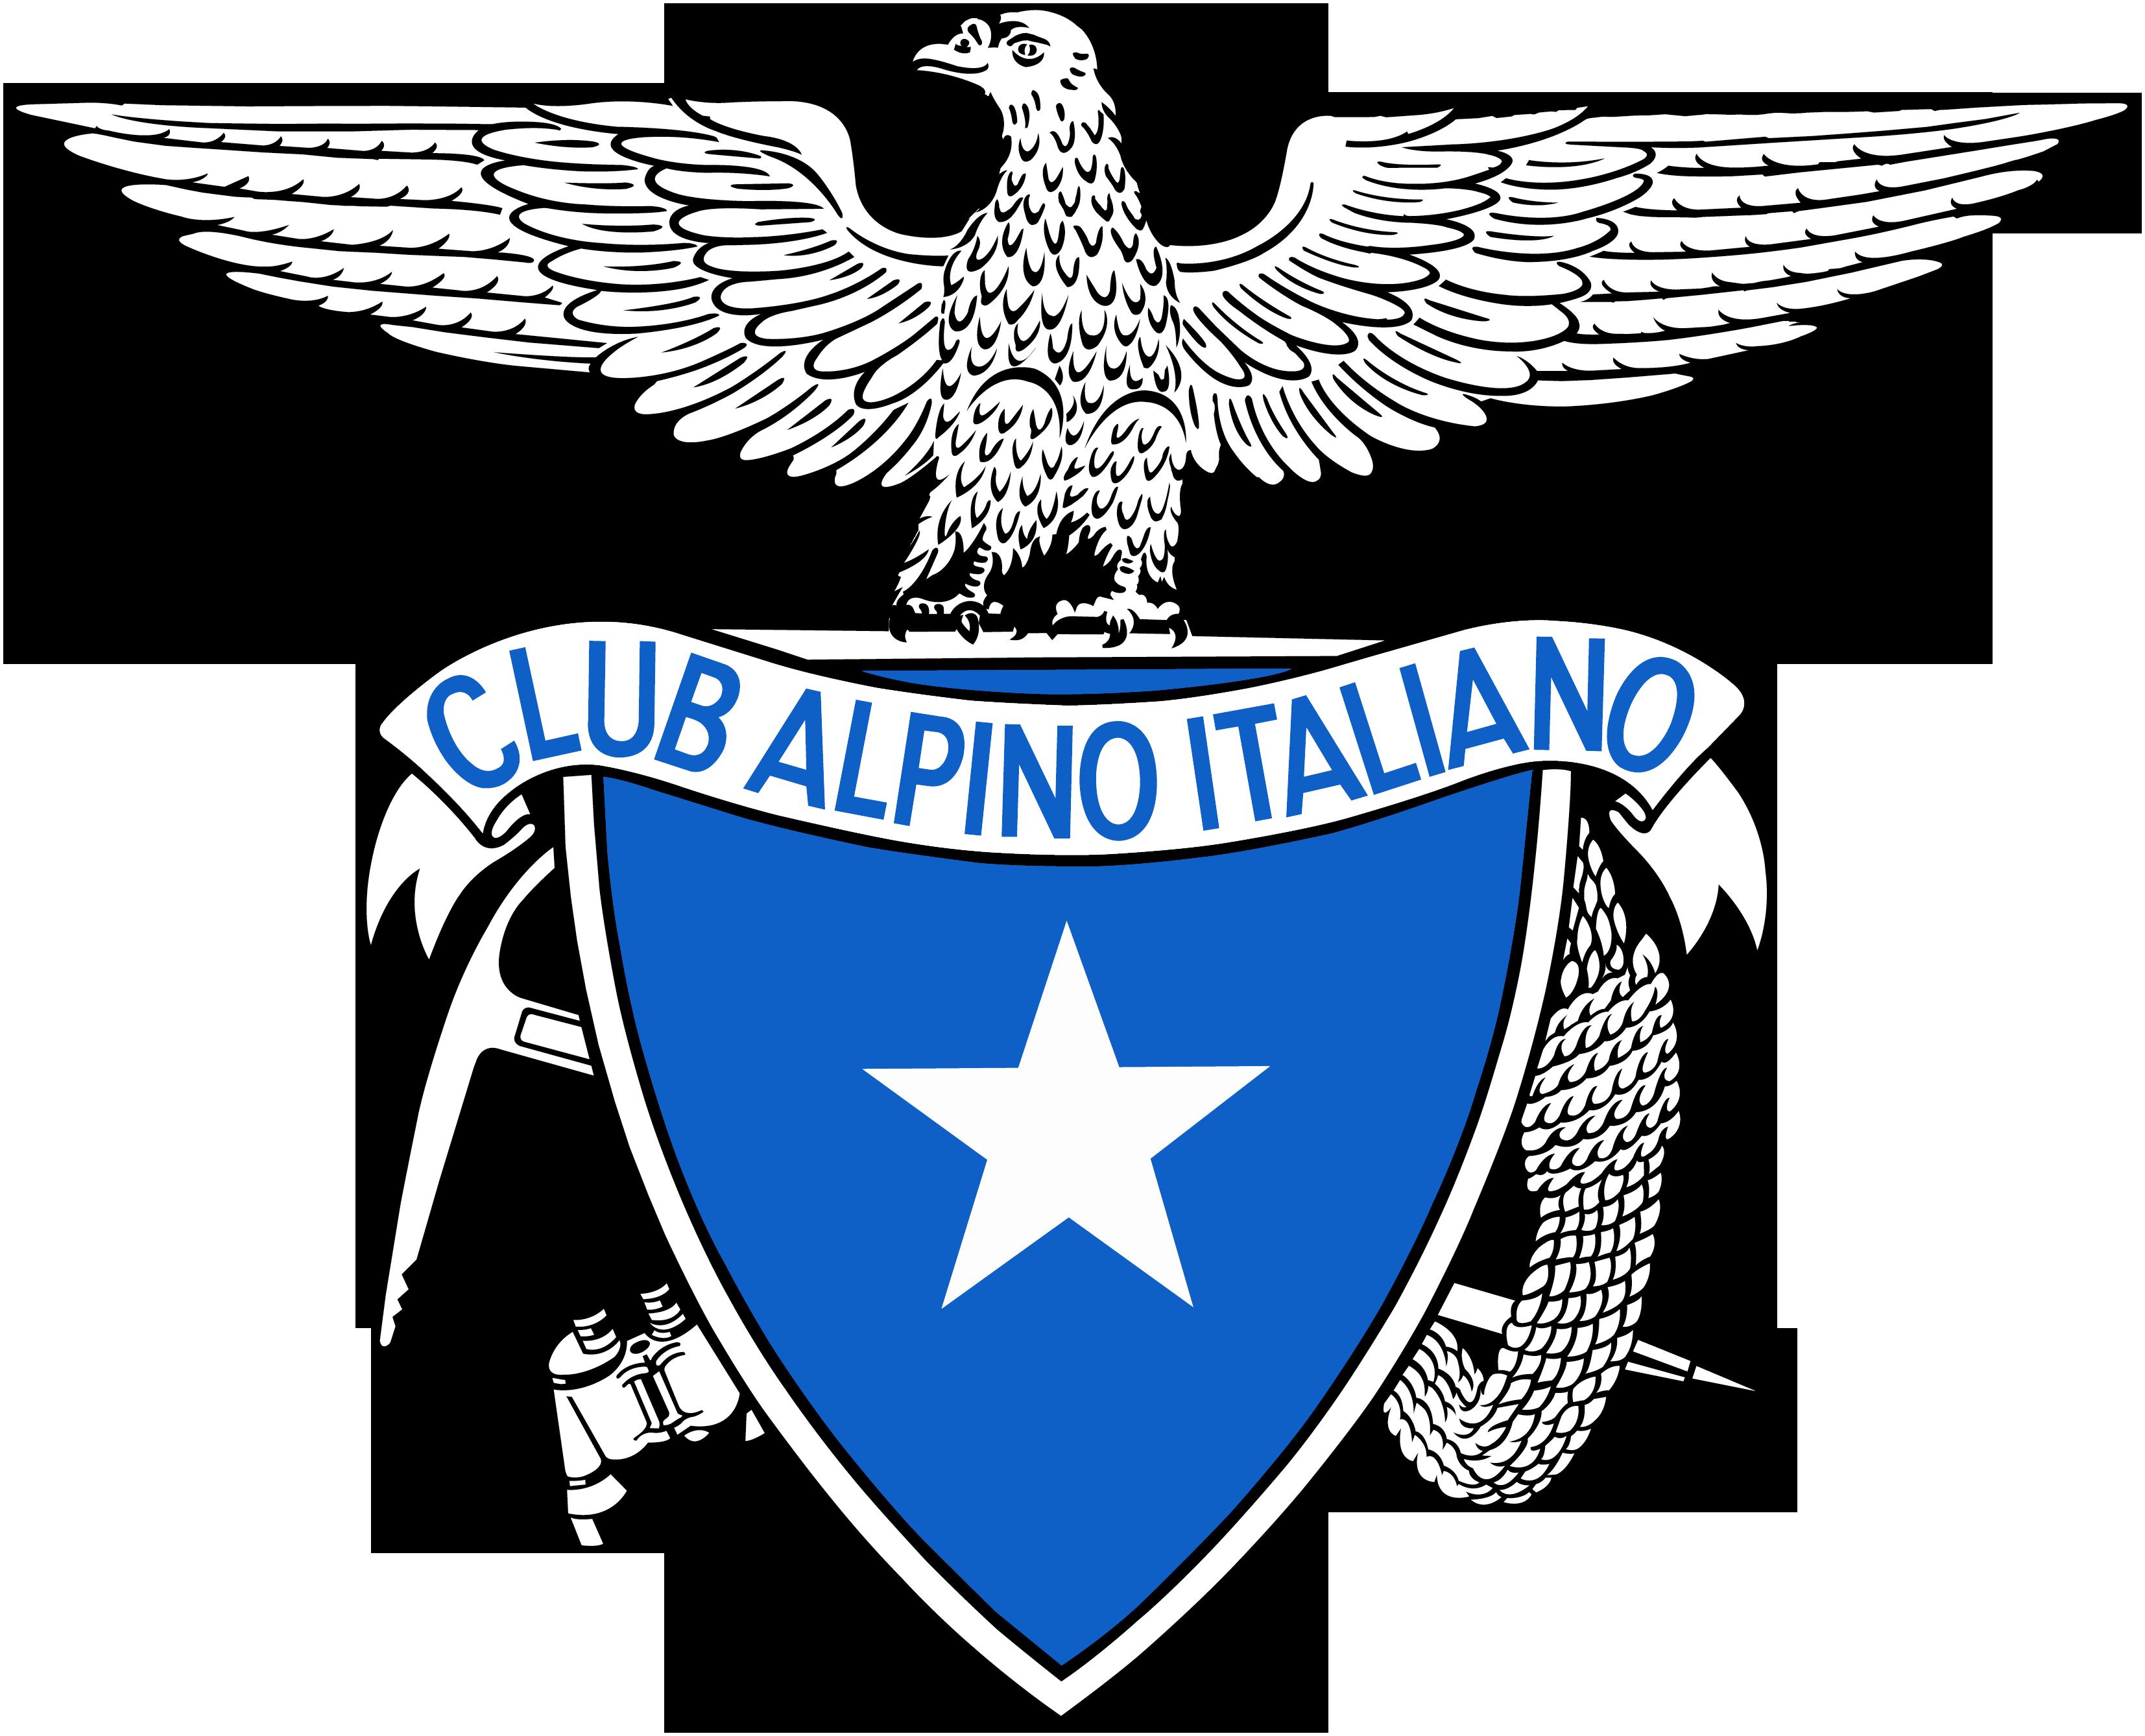 Cai_Club_Alpino_Italiano_Stemma (1)